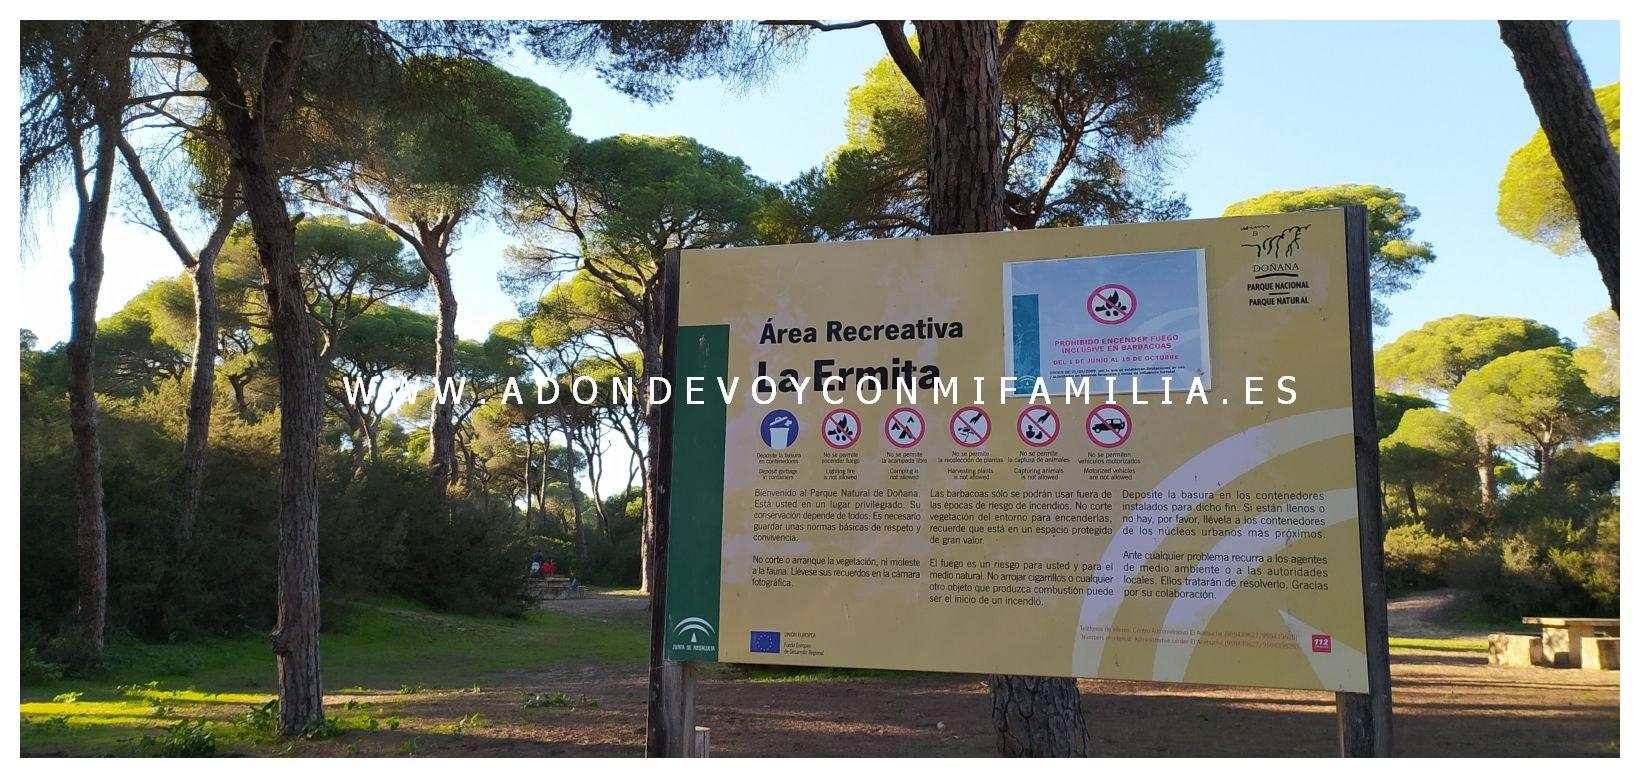 area-recreativa-la-ermita-adondevoyconmifamilia-09